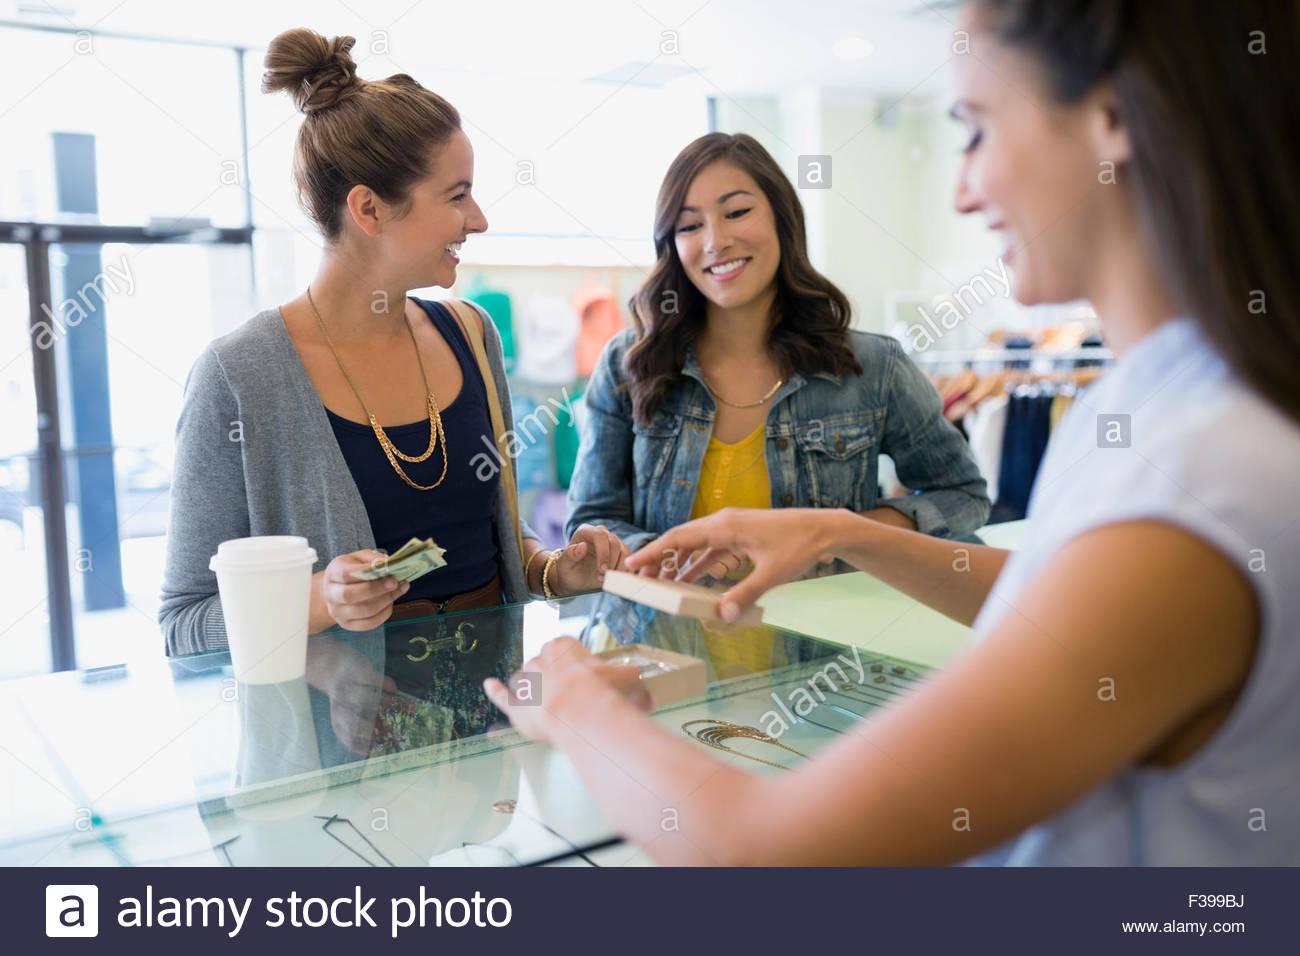 Le donne acquistano dei gioielli in negozio Immagini Stock